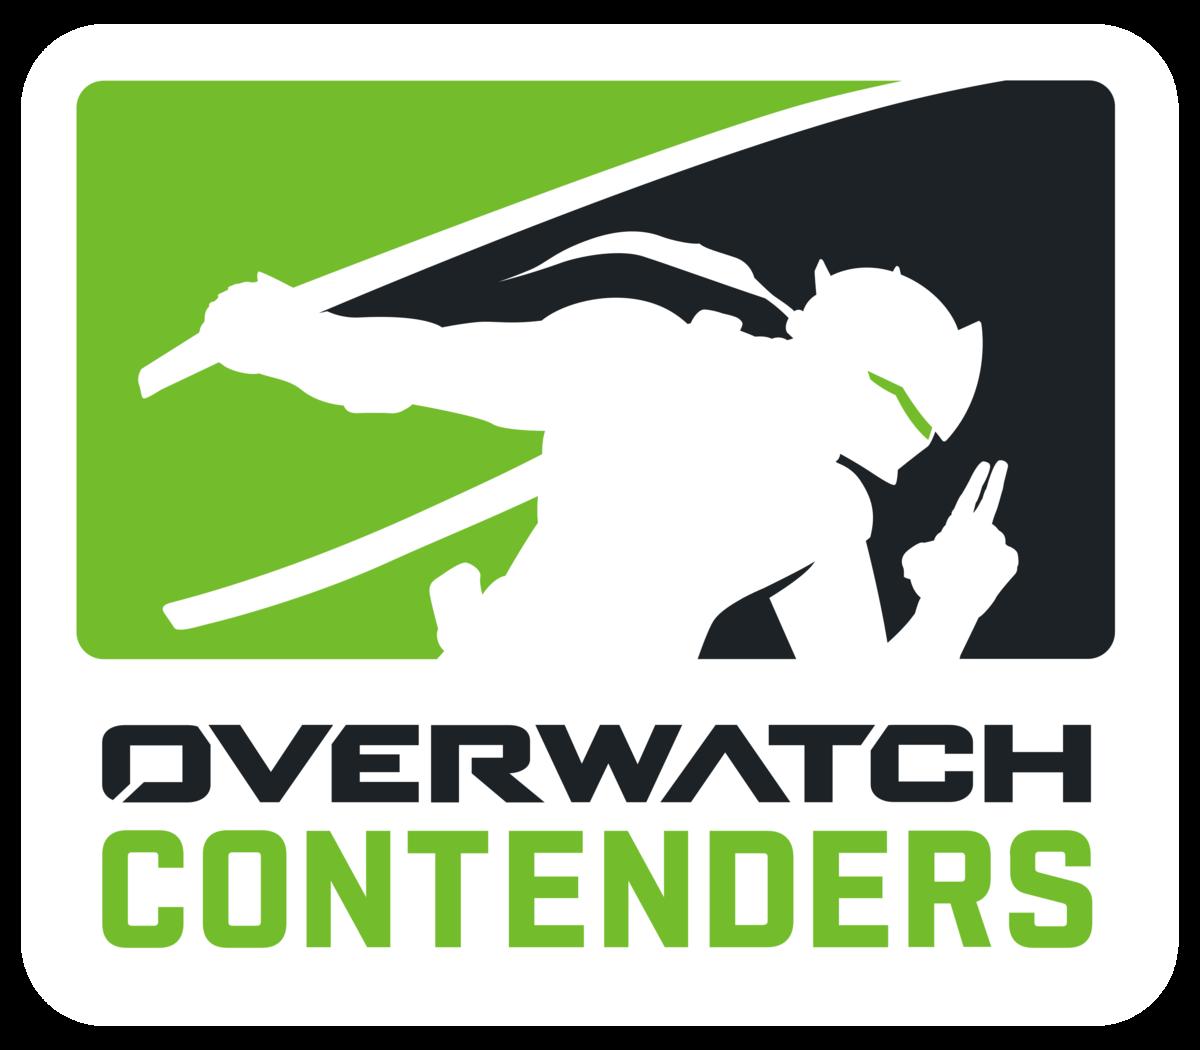 Overwatch Contenders 2019 Season 1: China - Regular Season